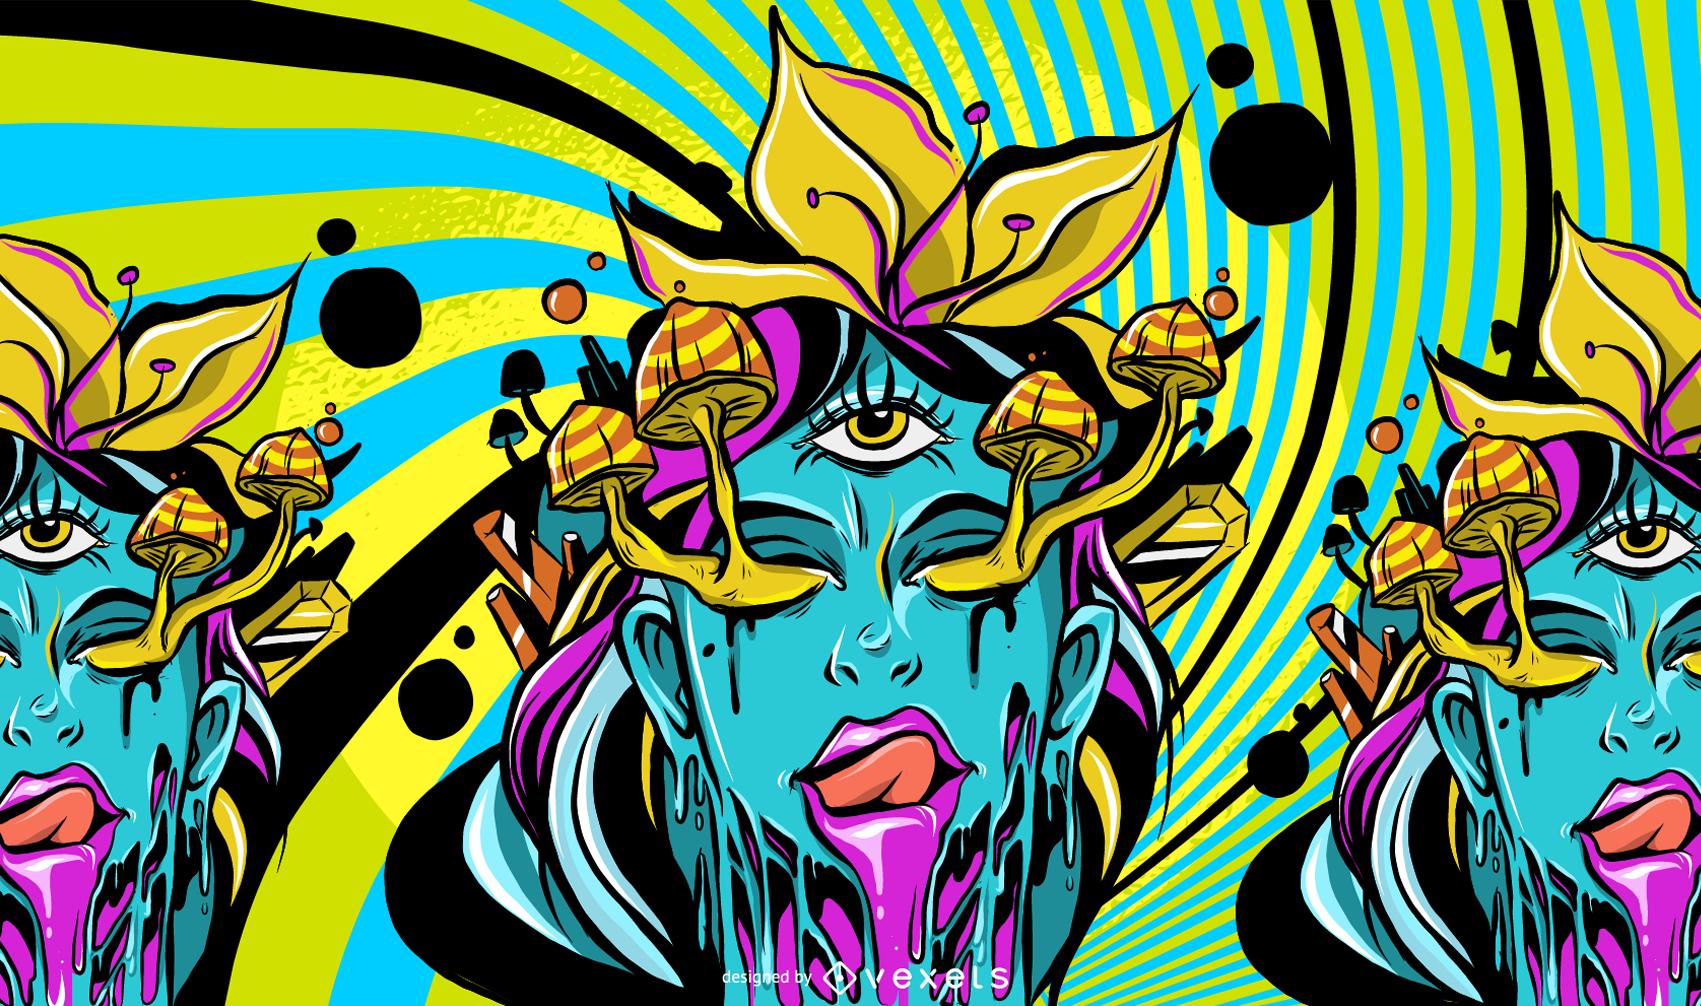 Trippy Mushroom Girl Illustration